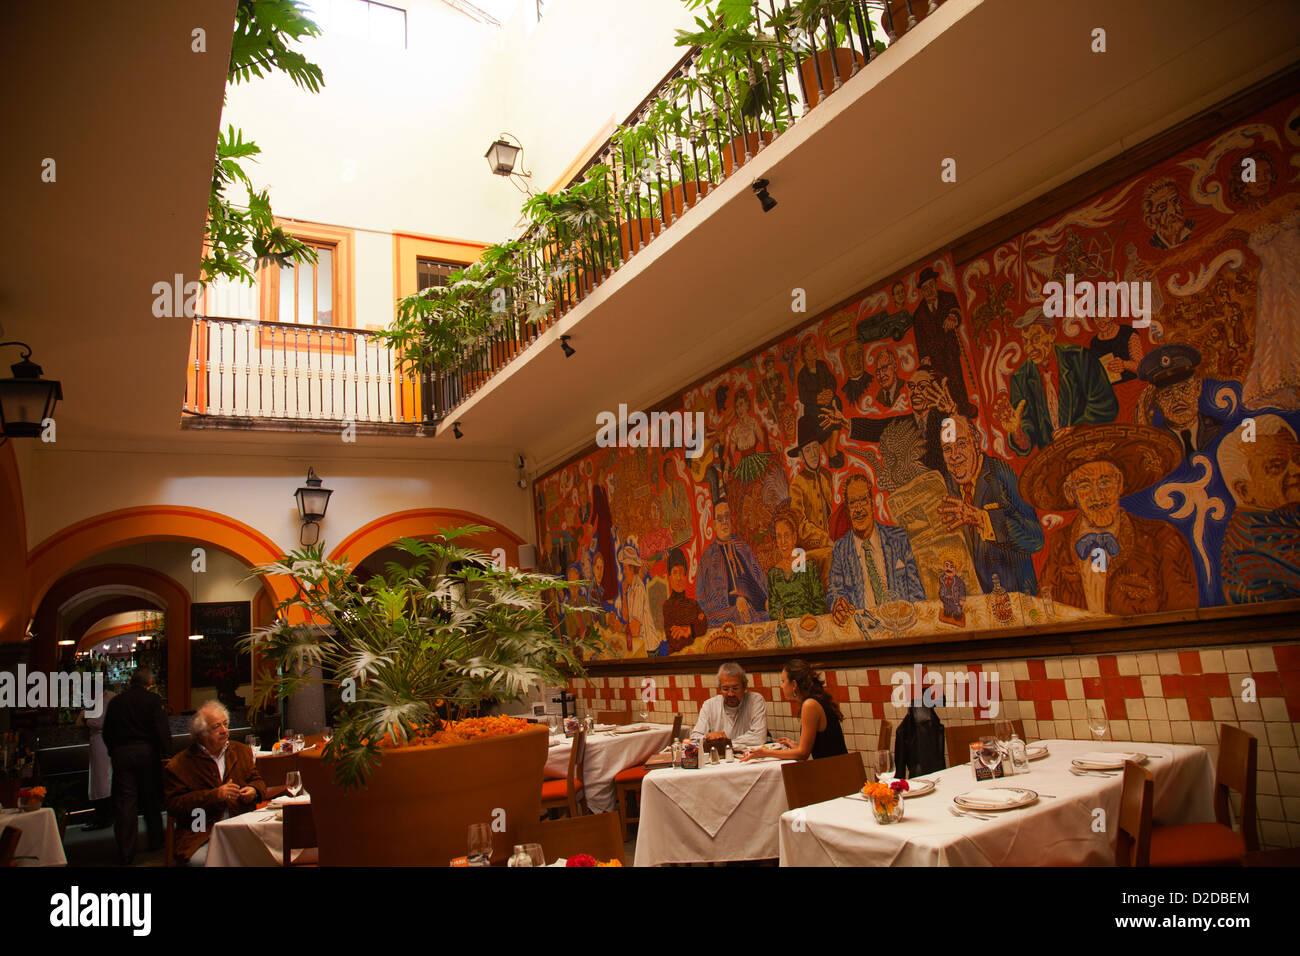 El mural de los poblanos restaurant in puebla mexico for El mural restaurante puebla